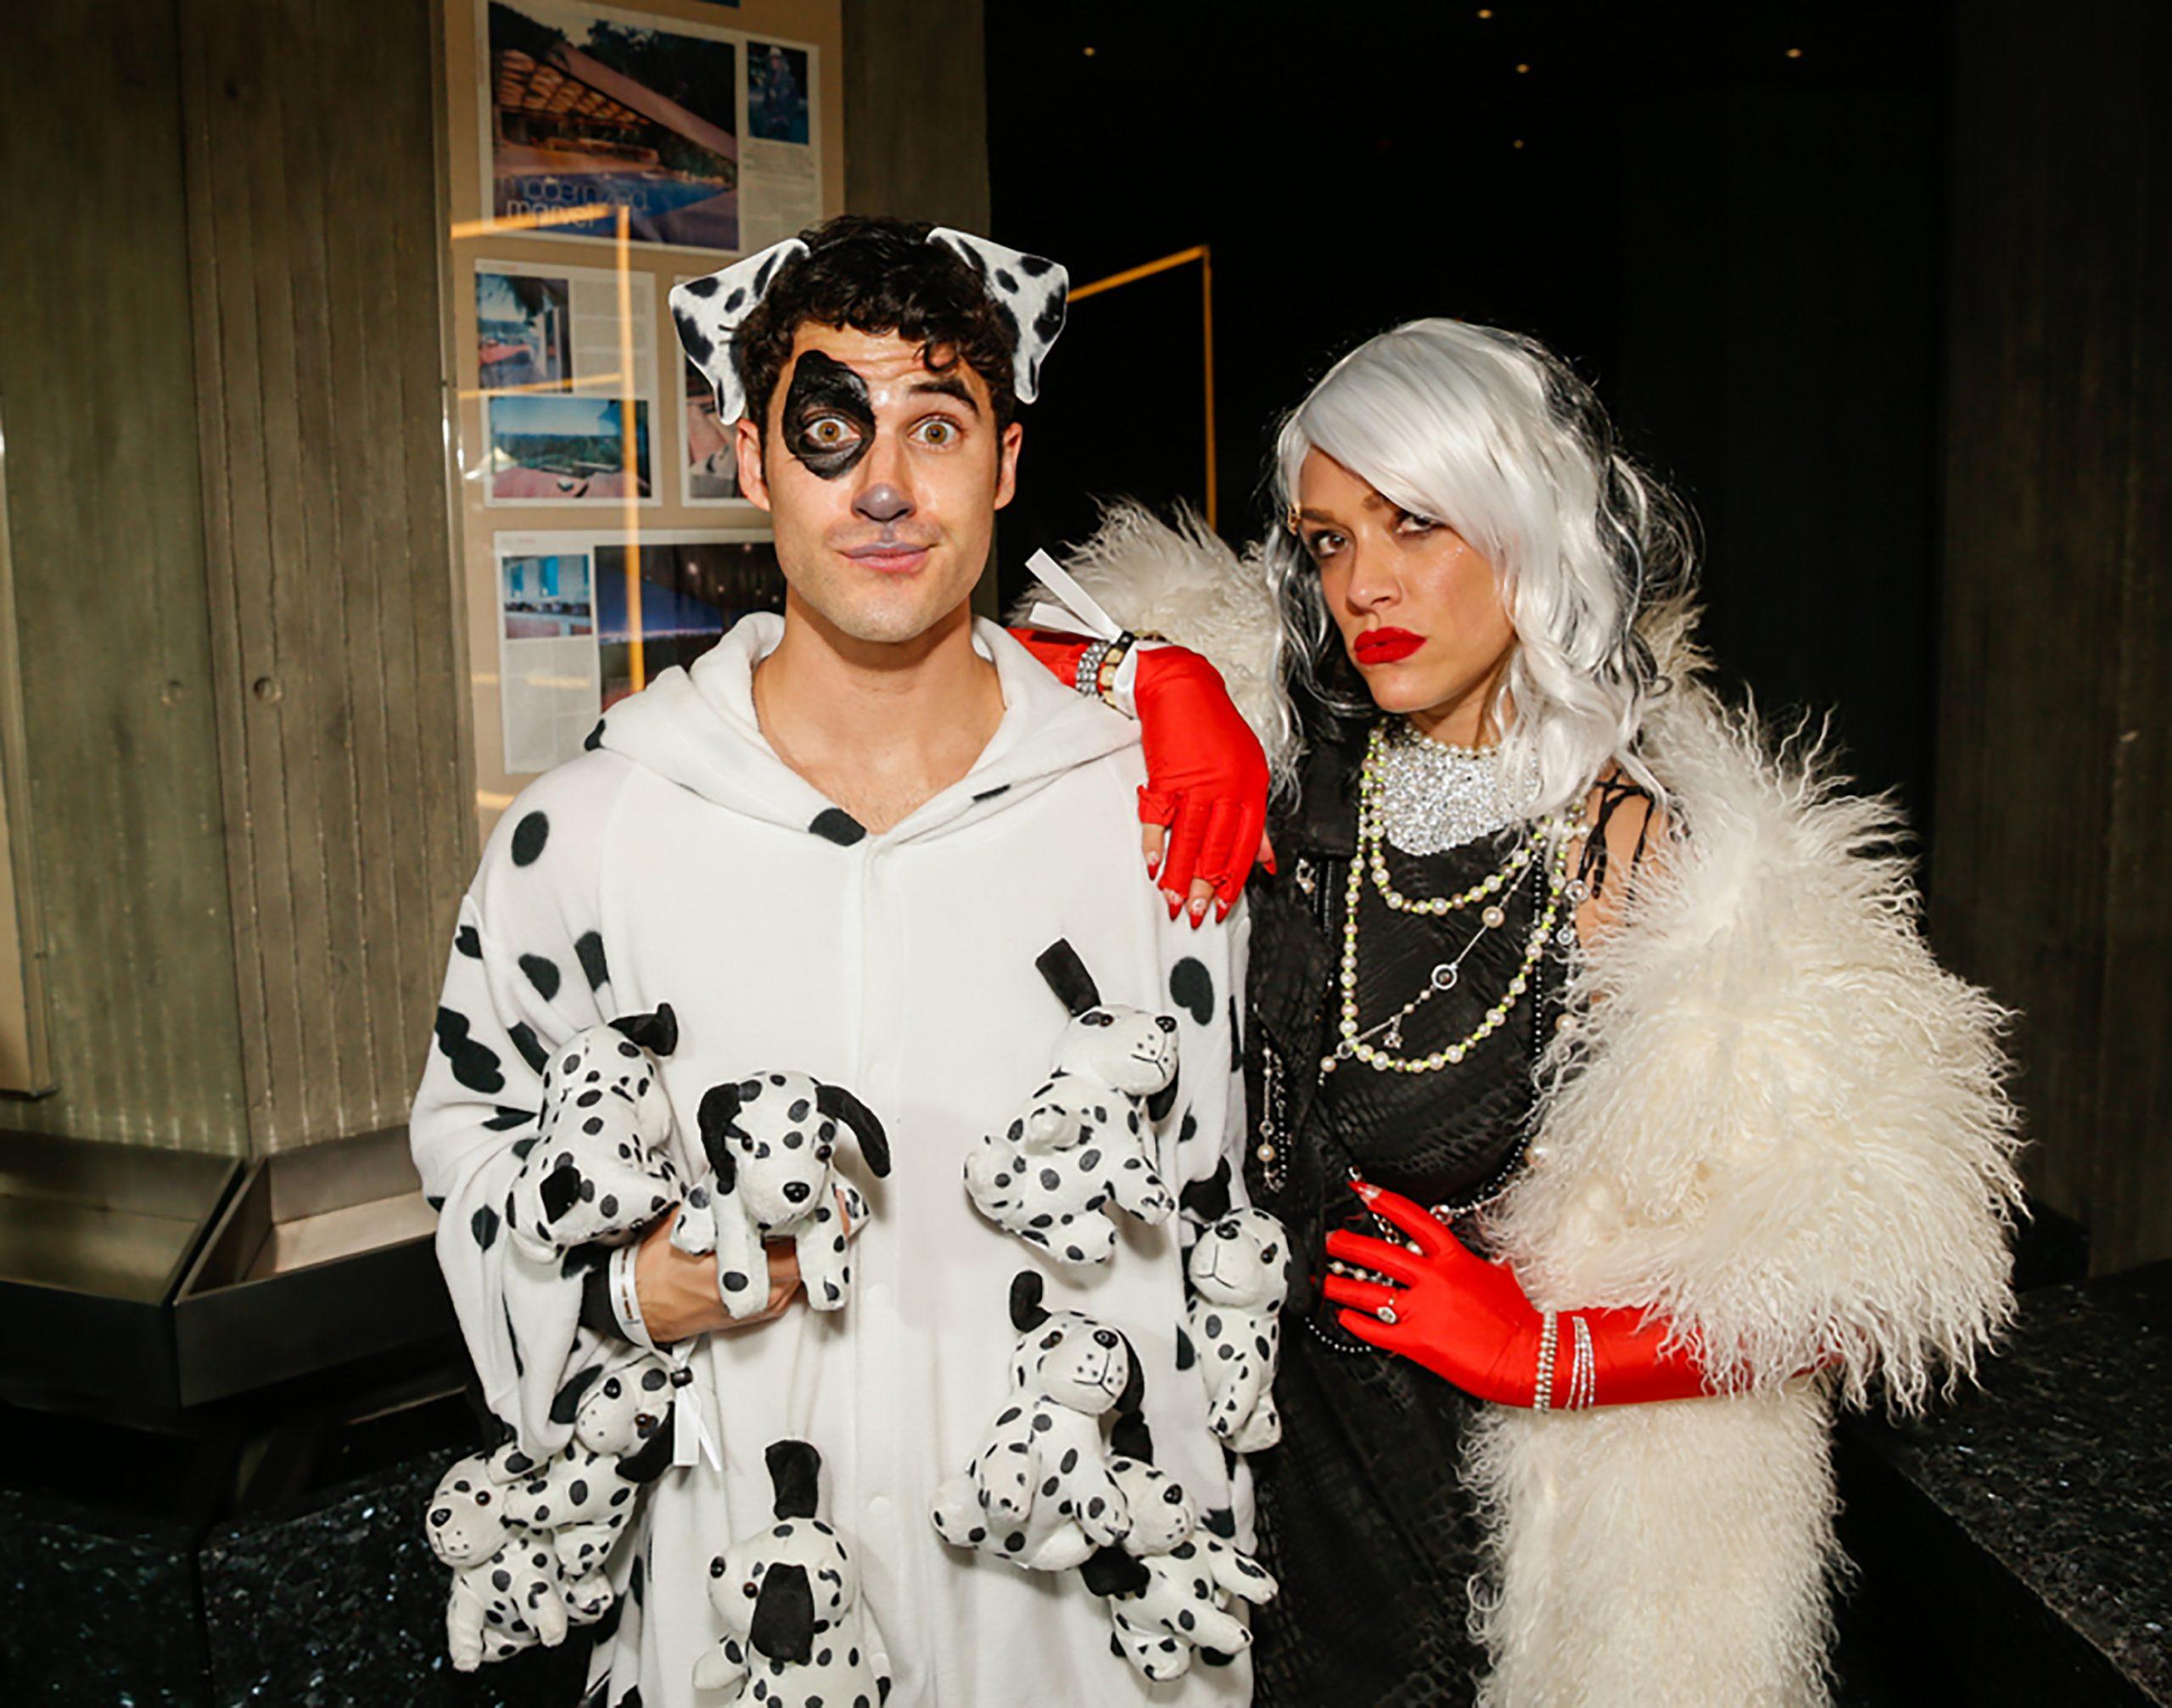 Darren Criss et sa femme Mia dans des costumes de couple pour Halloween